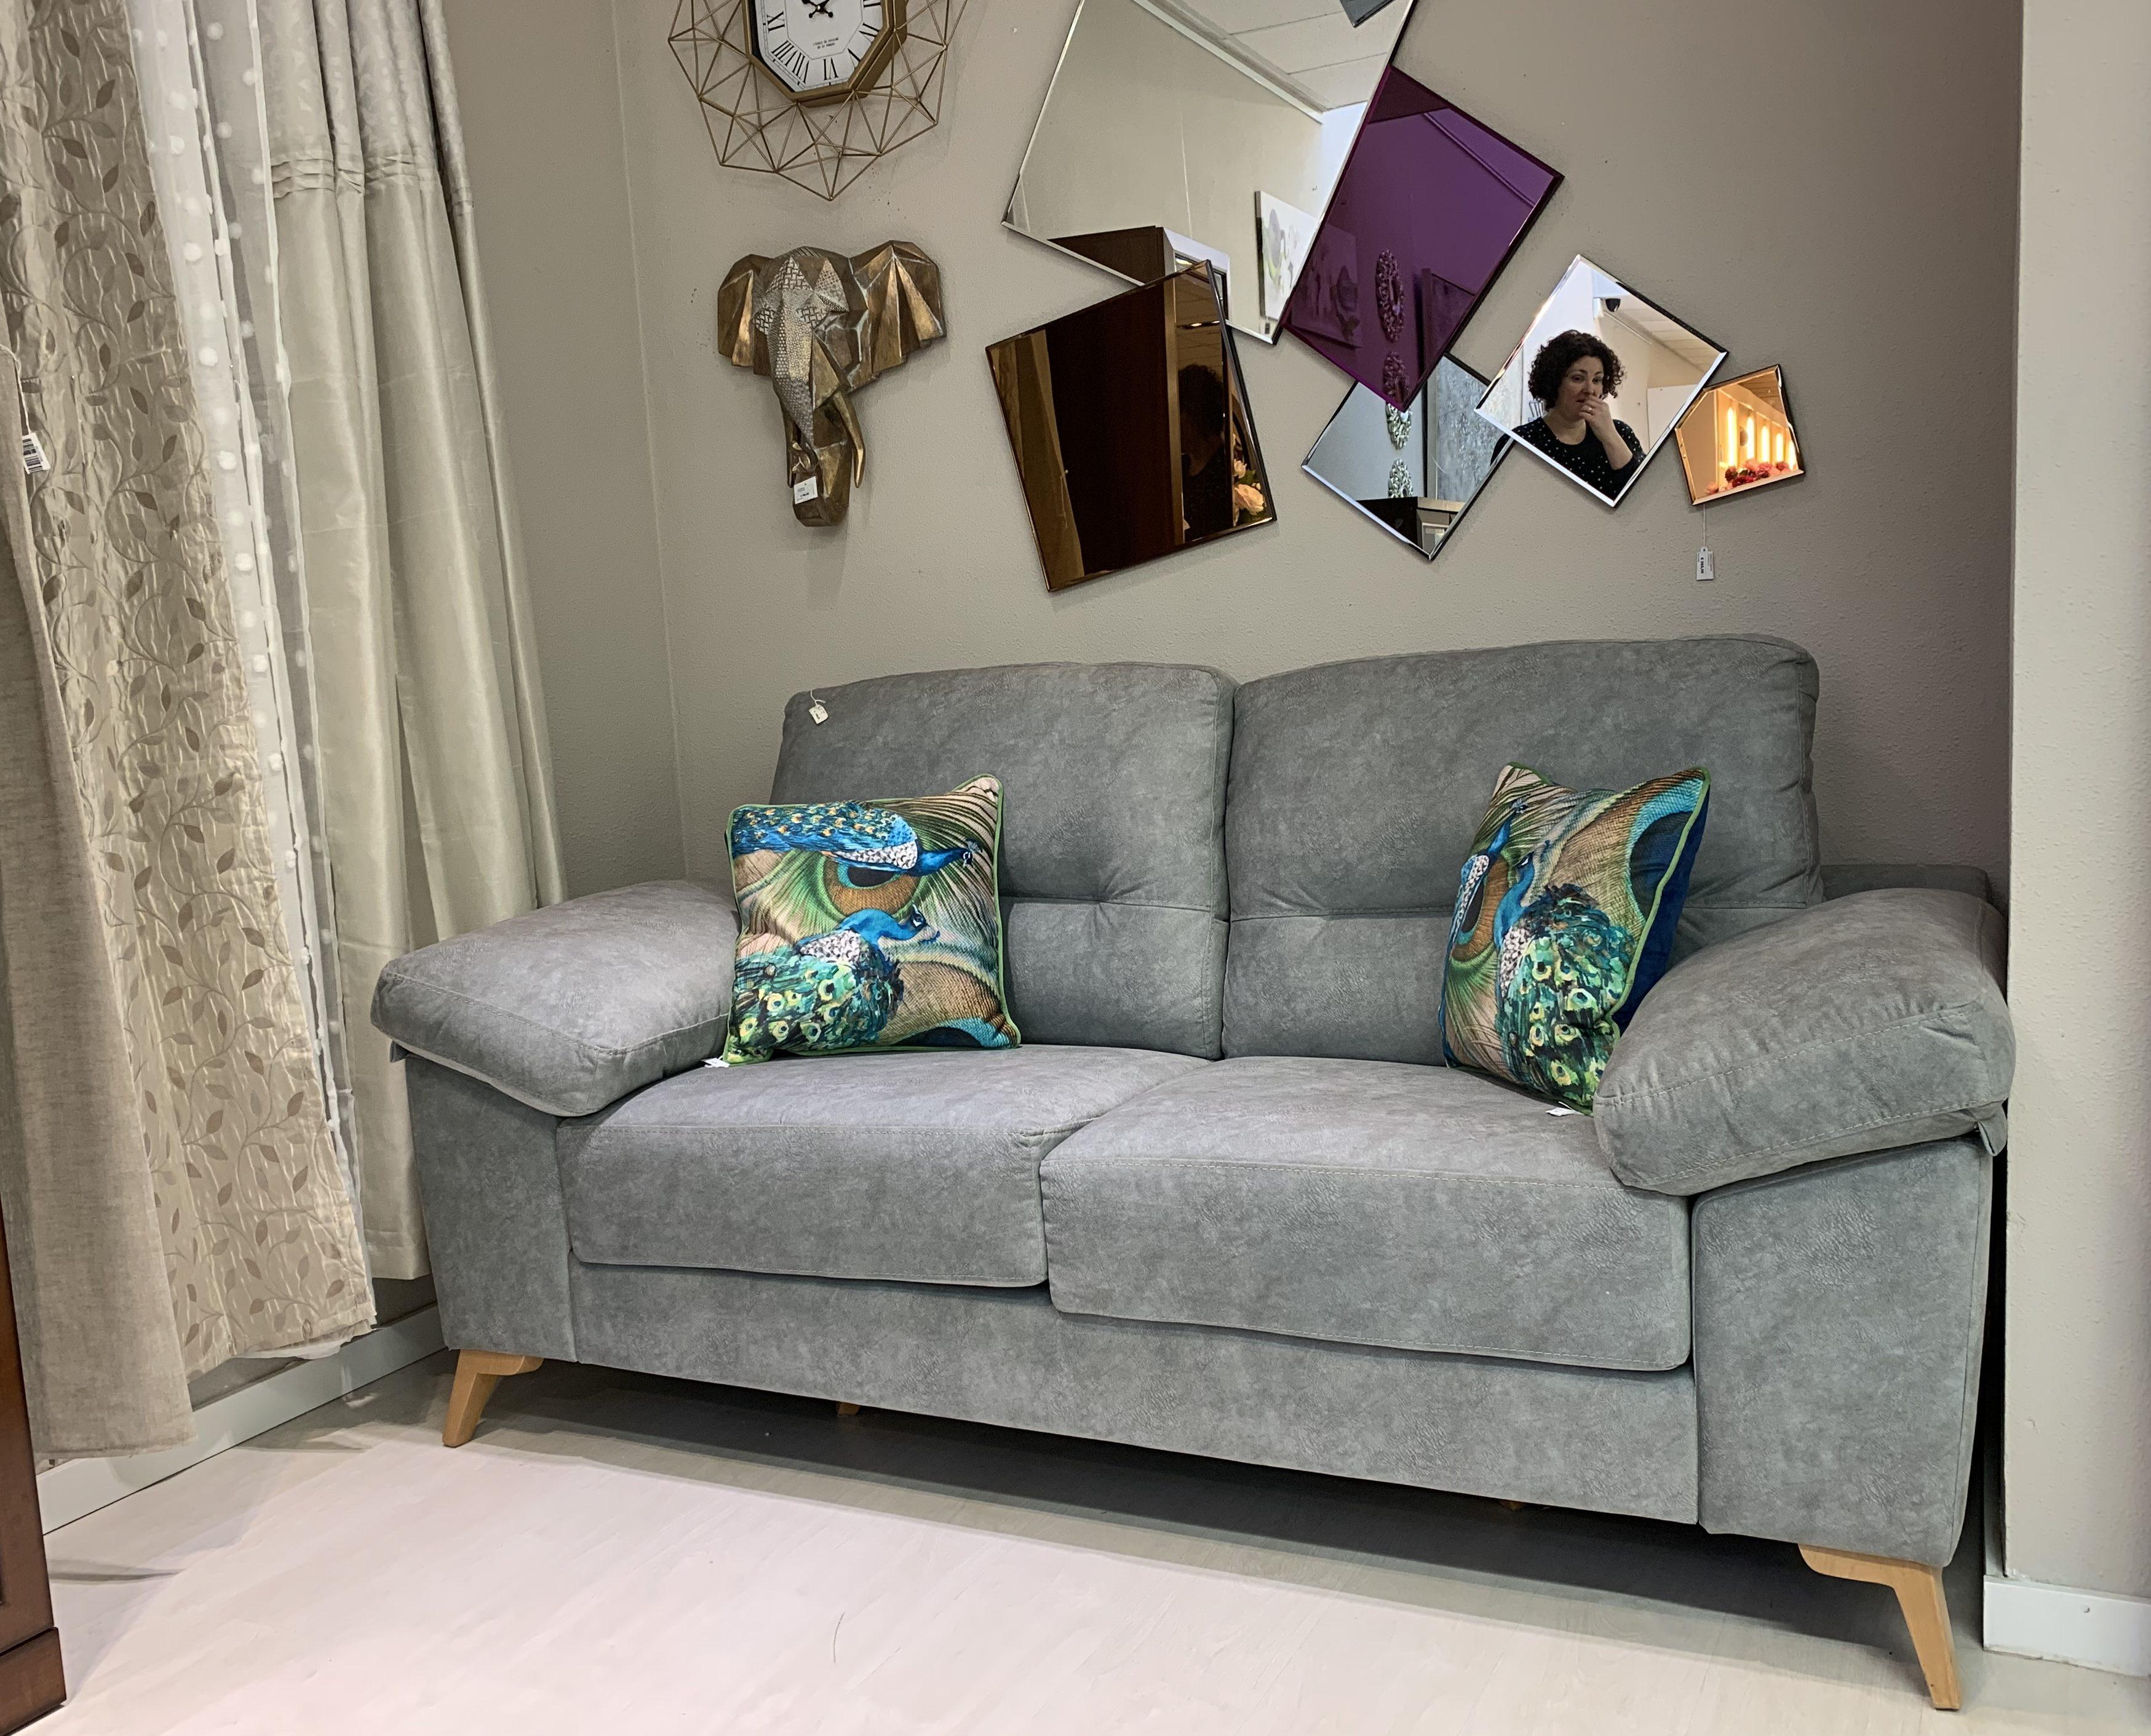 artica tiendas sofa Zara